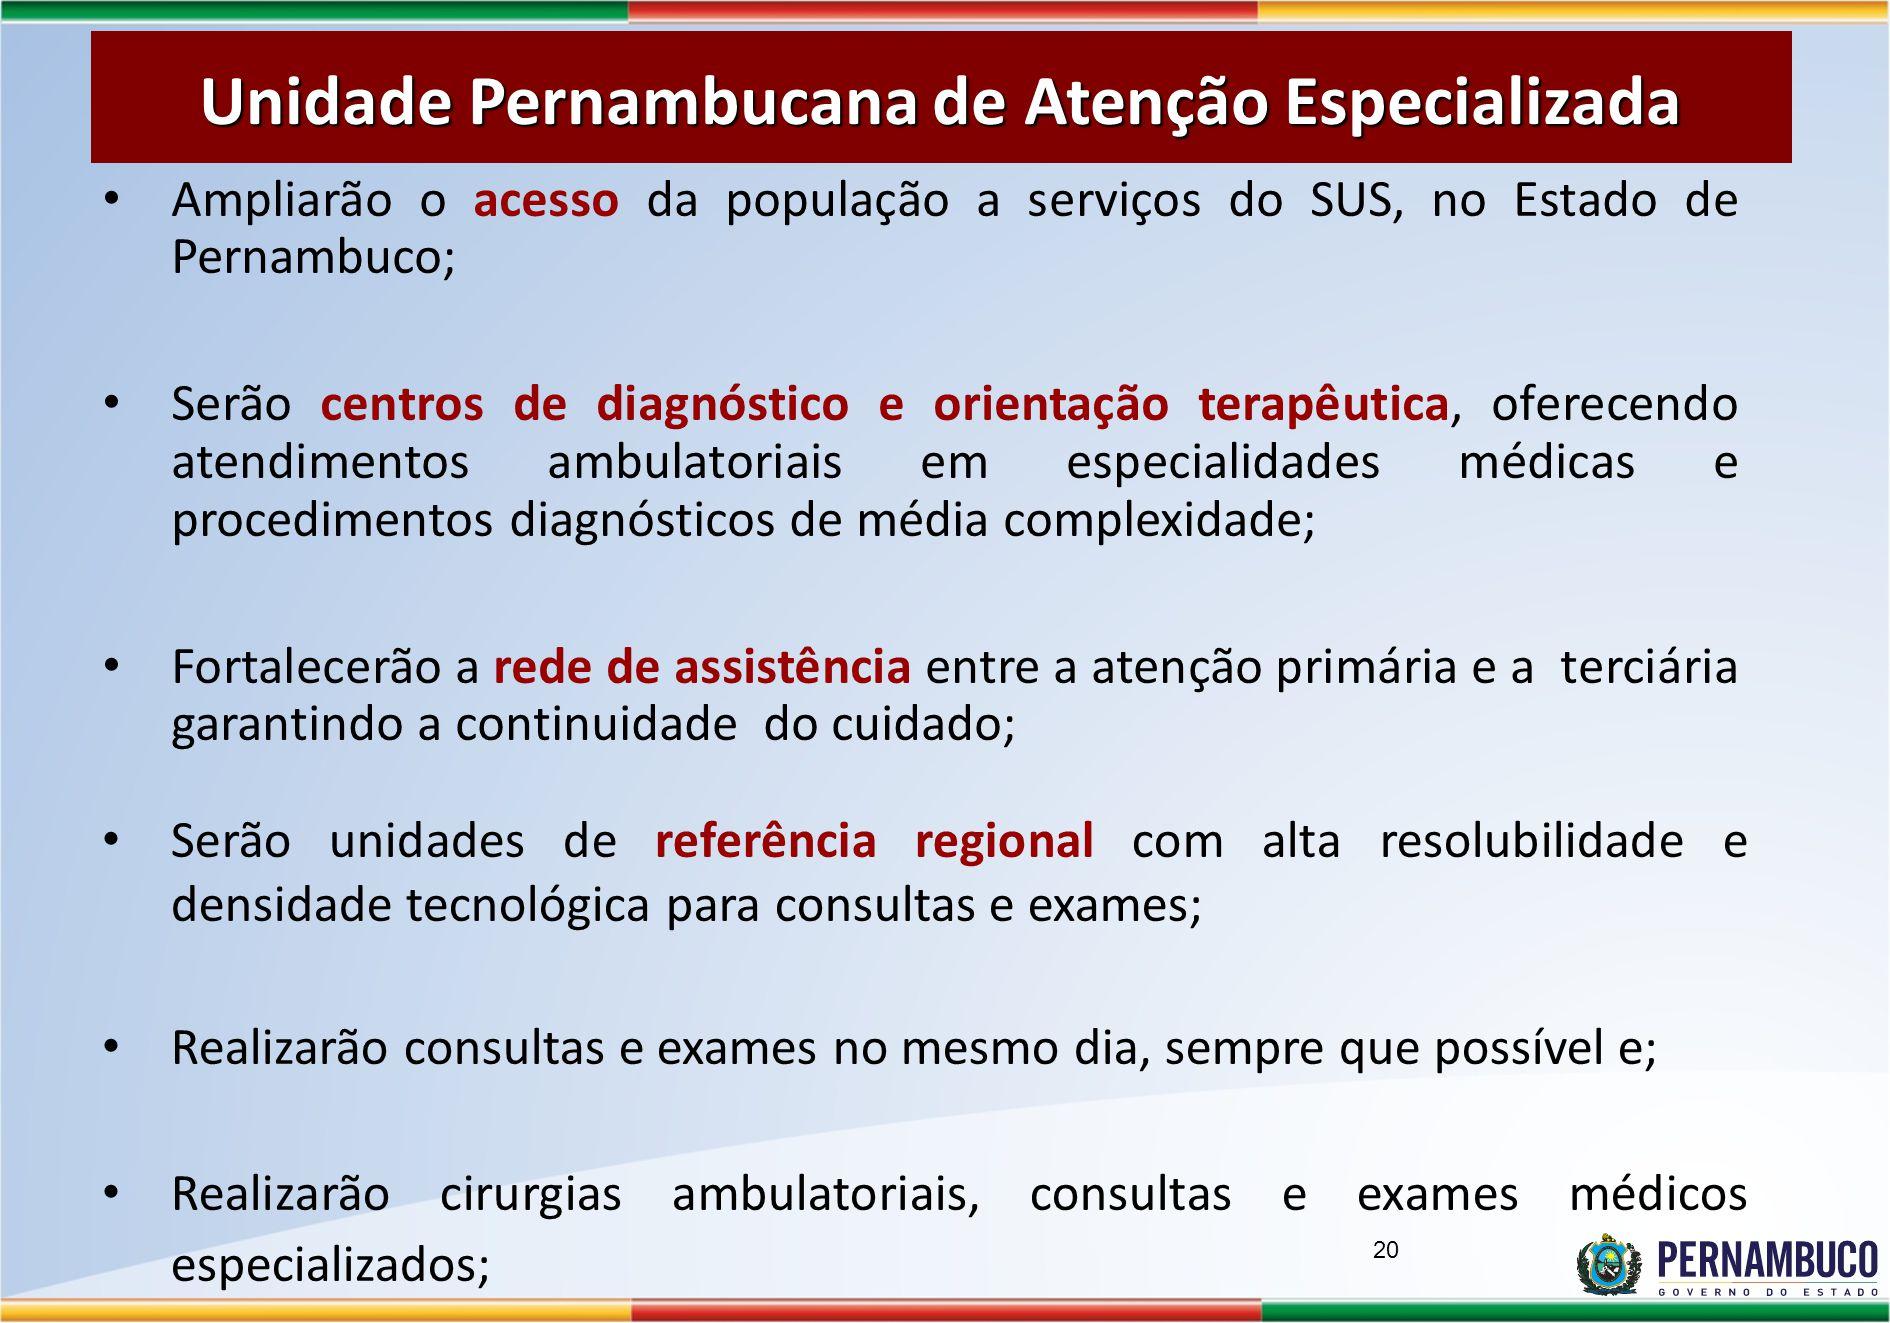 Ampliarão o acesso da população a serviços do SUS, no Estado de Pernambuco; Serão centros de diagnóstico e orientação terapêutica, oferecendo atendimentos ambulatoriais em especialidades médicas e procedimentos diagnósticos de média complexidade; Fortalecerão a rede de assistência entre a atenção primária e a terciária garantindo a continuidade do cuidado; Unidade Pernambucana de Atenção Especializada 20 Serão unidades de referência regional com alta resolubilidade e densidade tecnológica para consultas e exames; Realizarão consultas e exames no mesmo dia, sempre que possível e; Realizarão cirurgias ambulatoriais, consultas e exames médicos especializados;